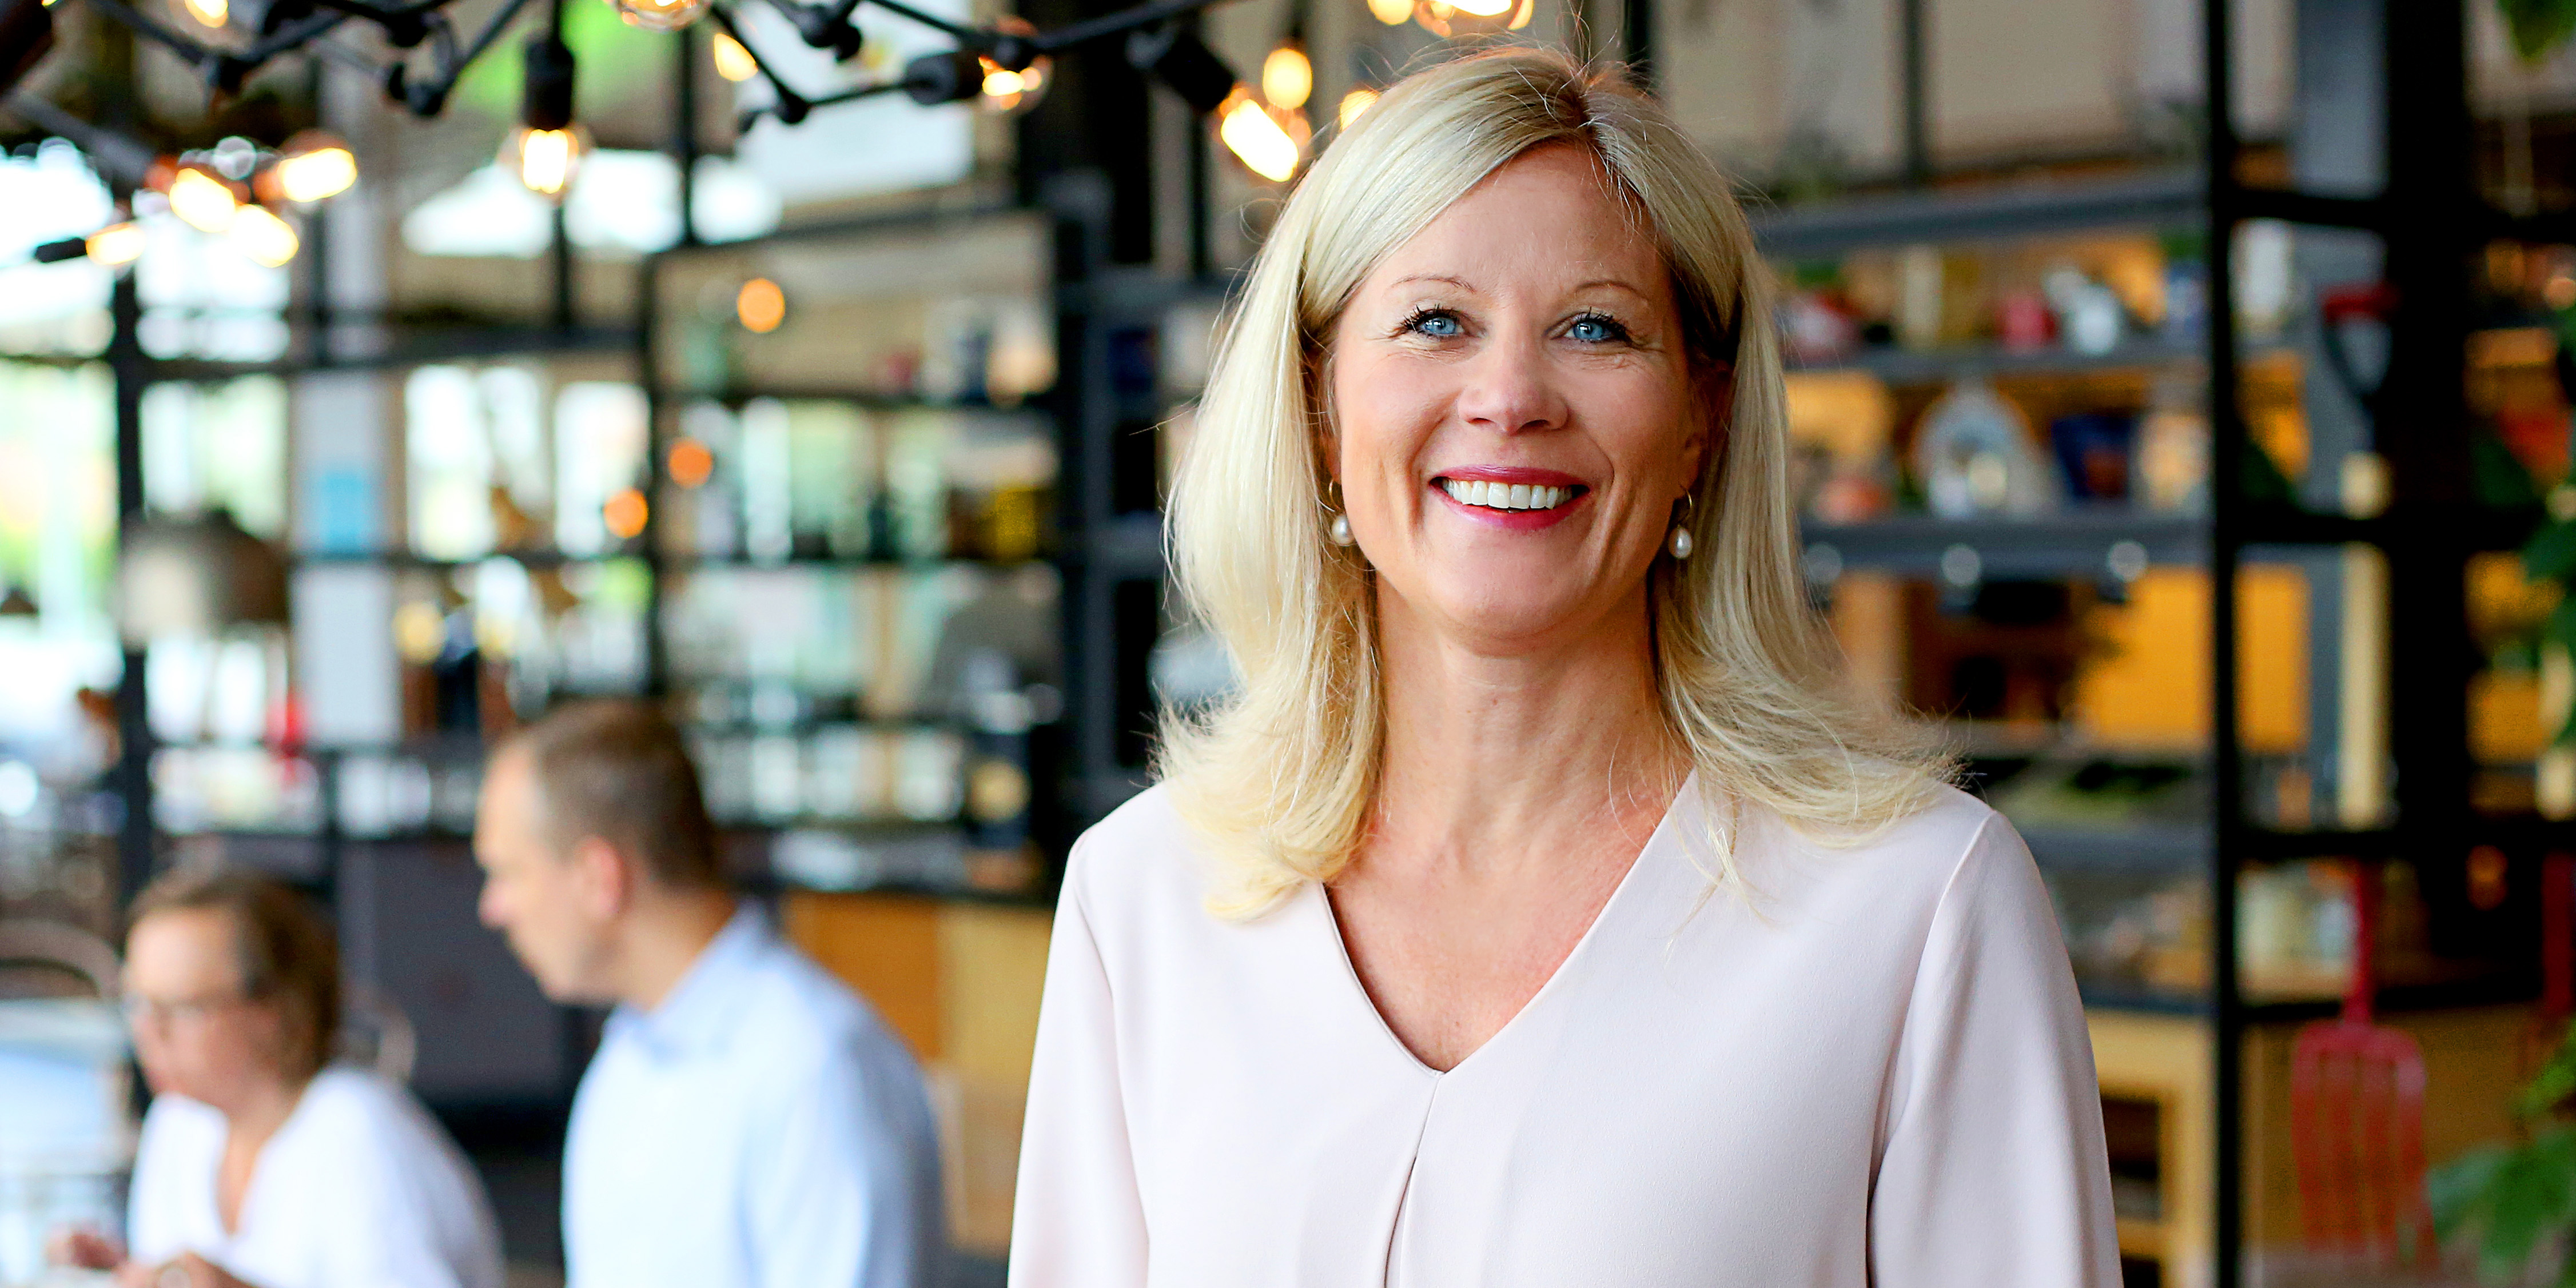 Maria Branestam är hr-direktör på Martin & Servera och leder förändringsarbetet för de över 2000 anställda.     Foto: Karina Ljungdahl